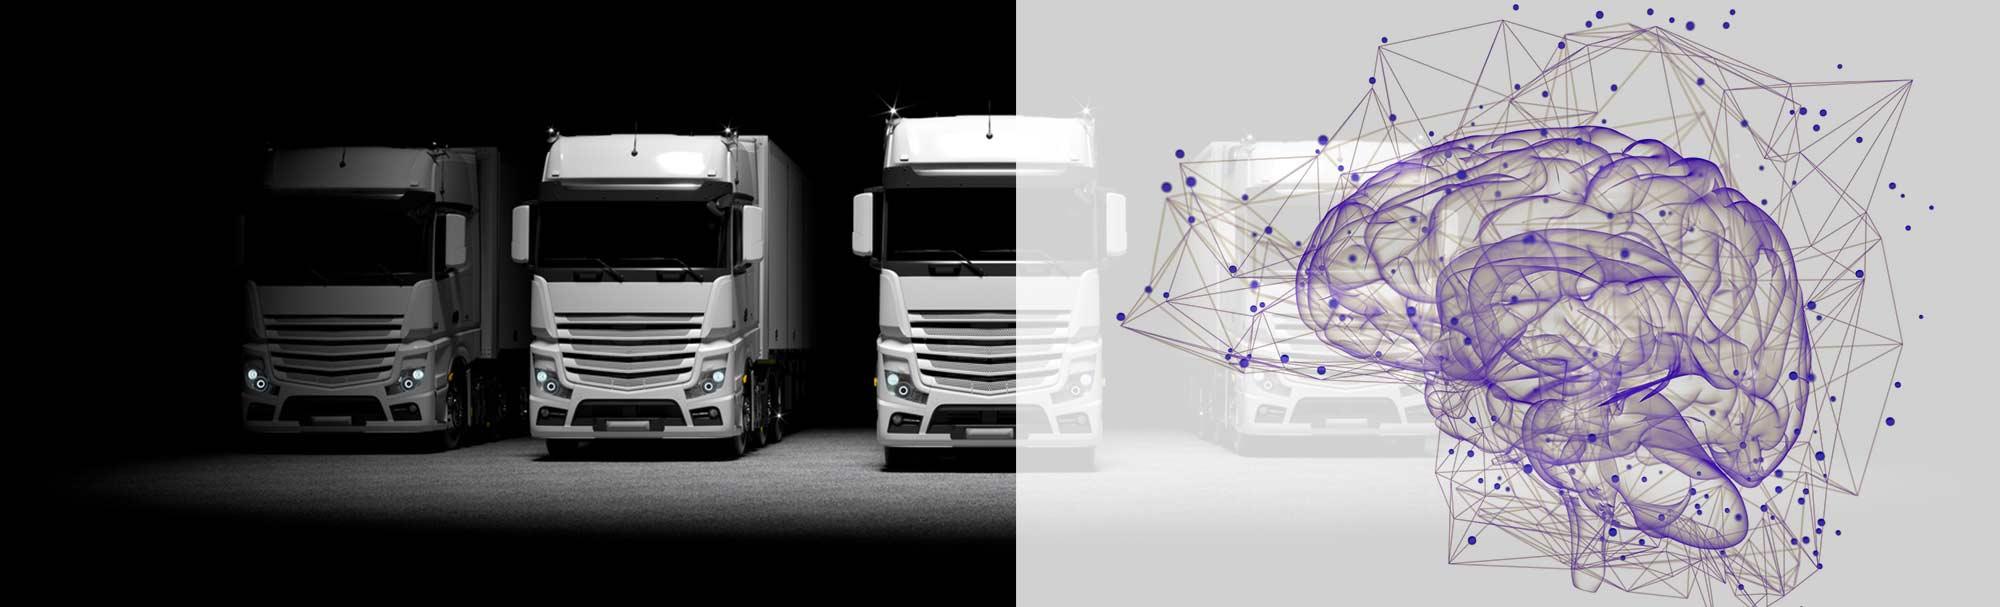 ciężarówki i mózg